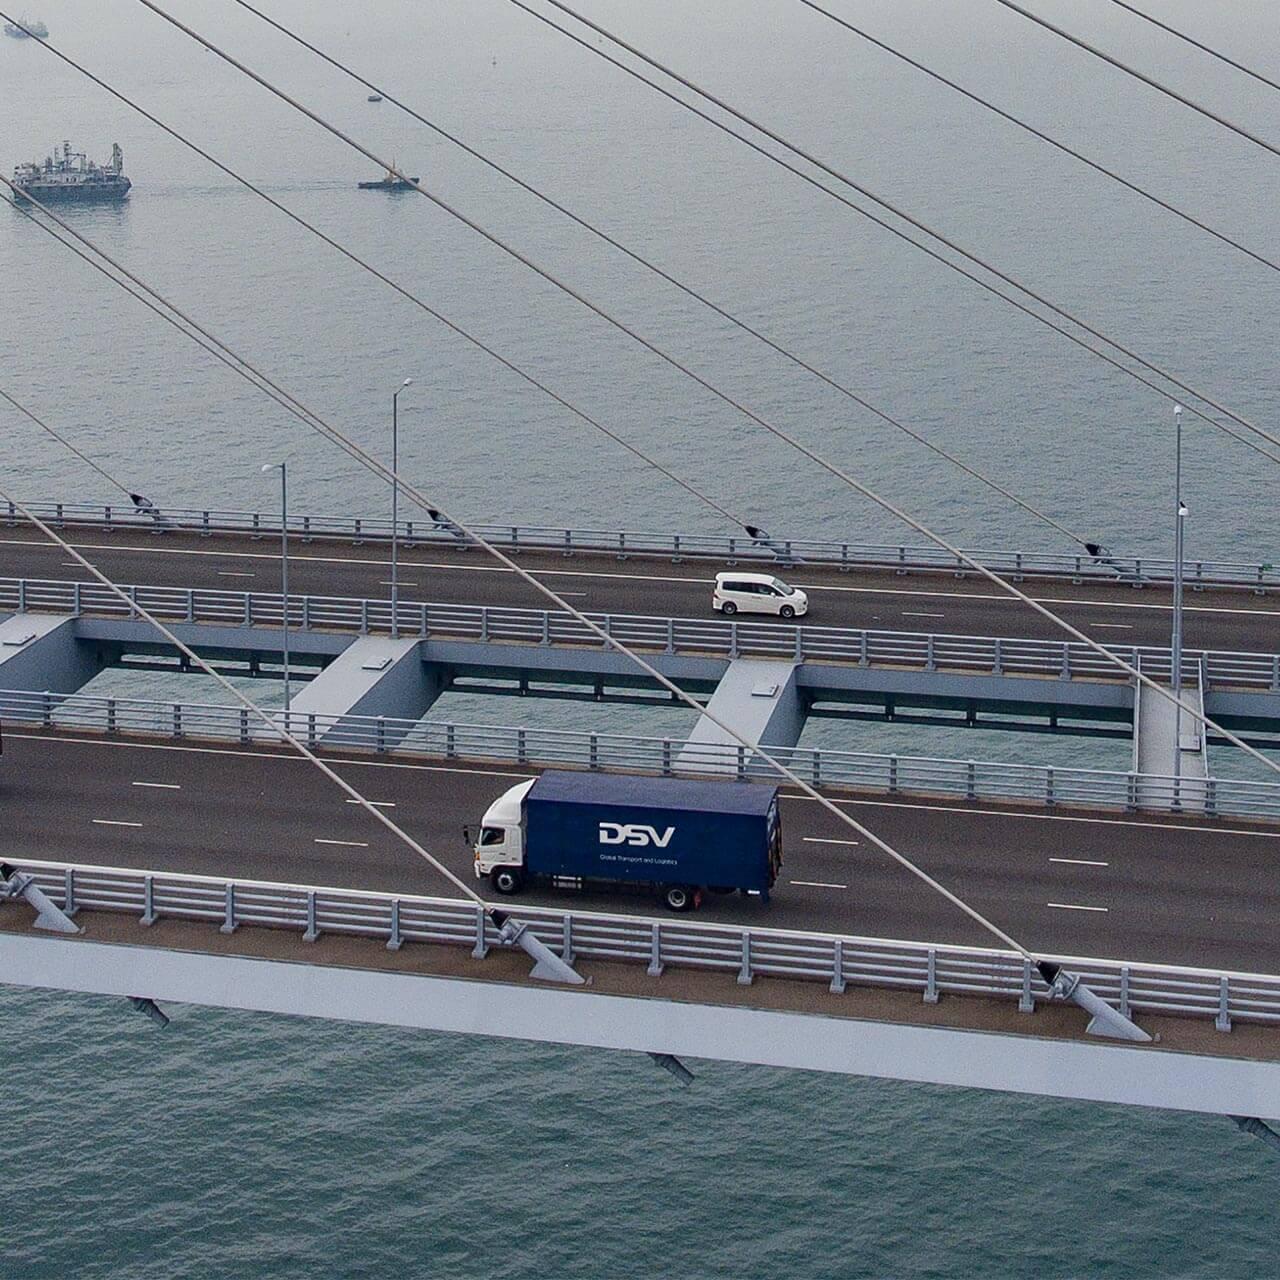 DSV Silkway Express